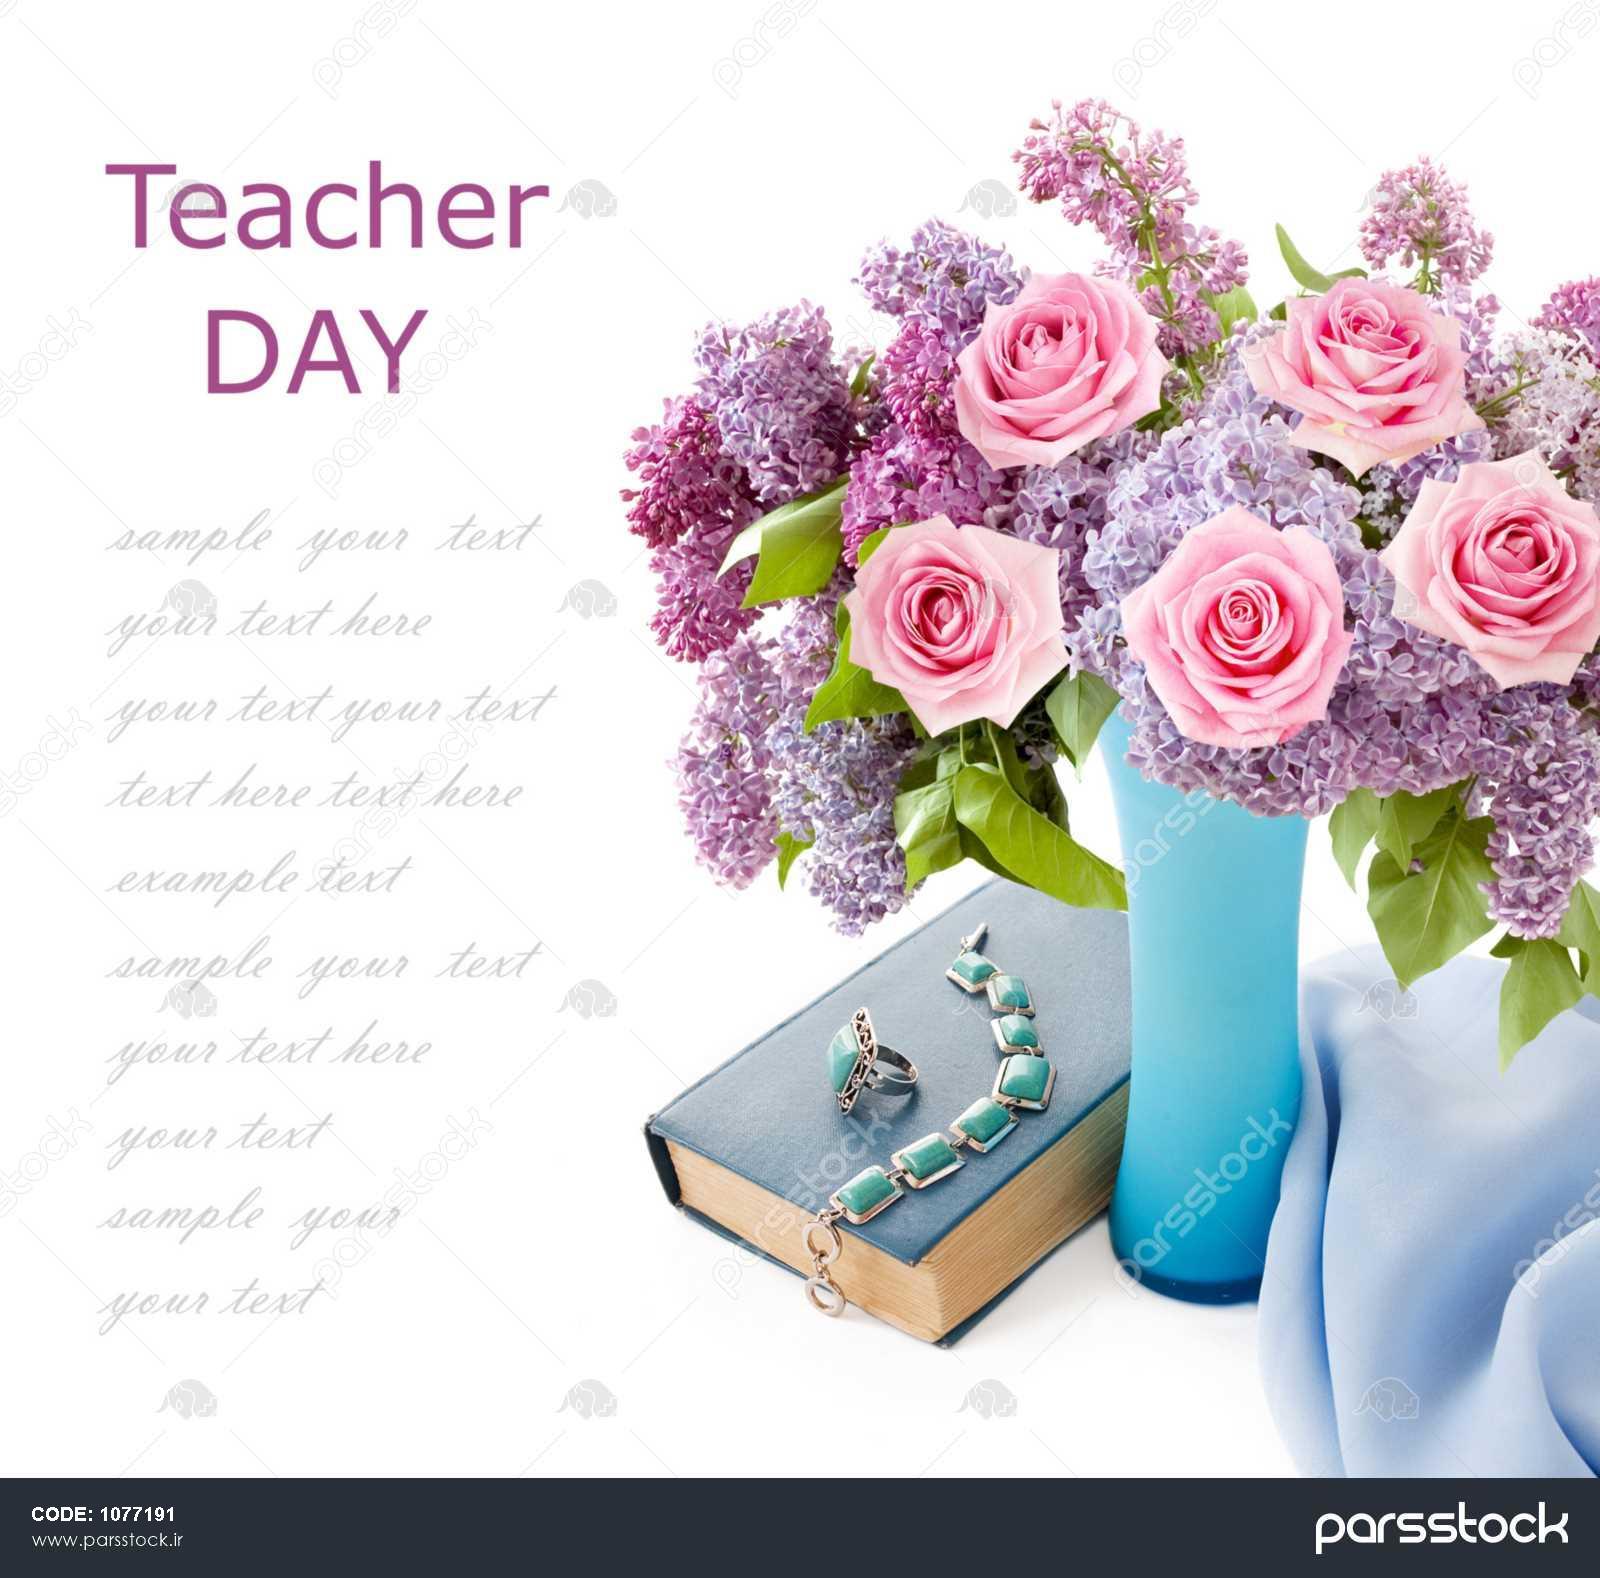 عکس دسته گل برای روز معلم